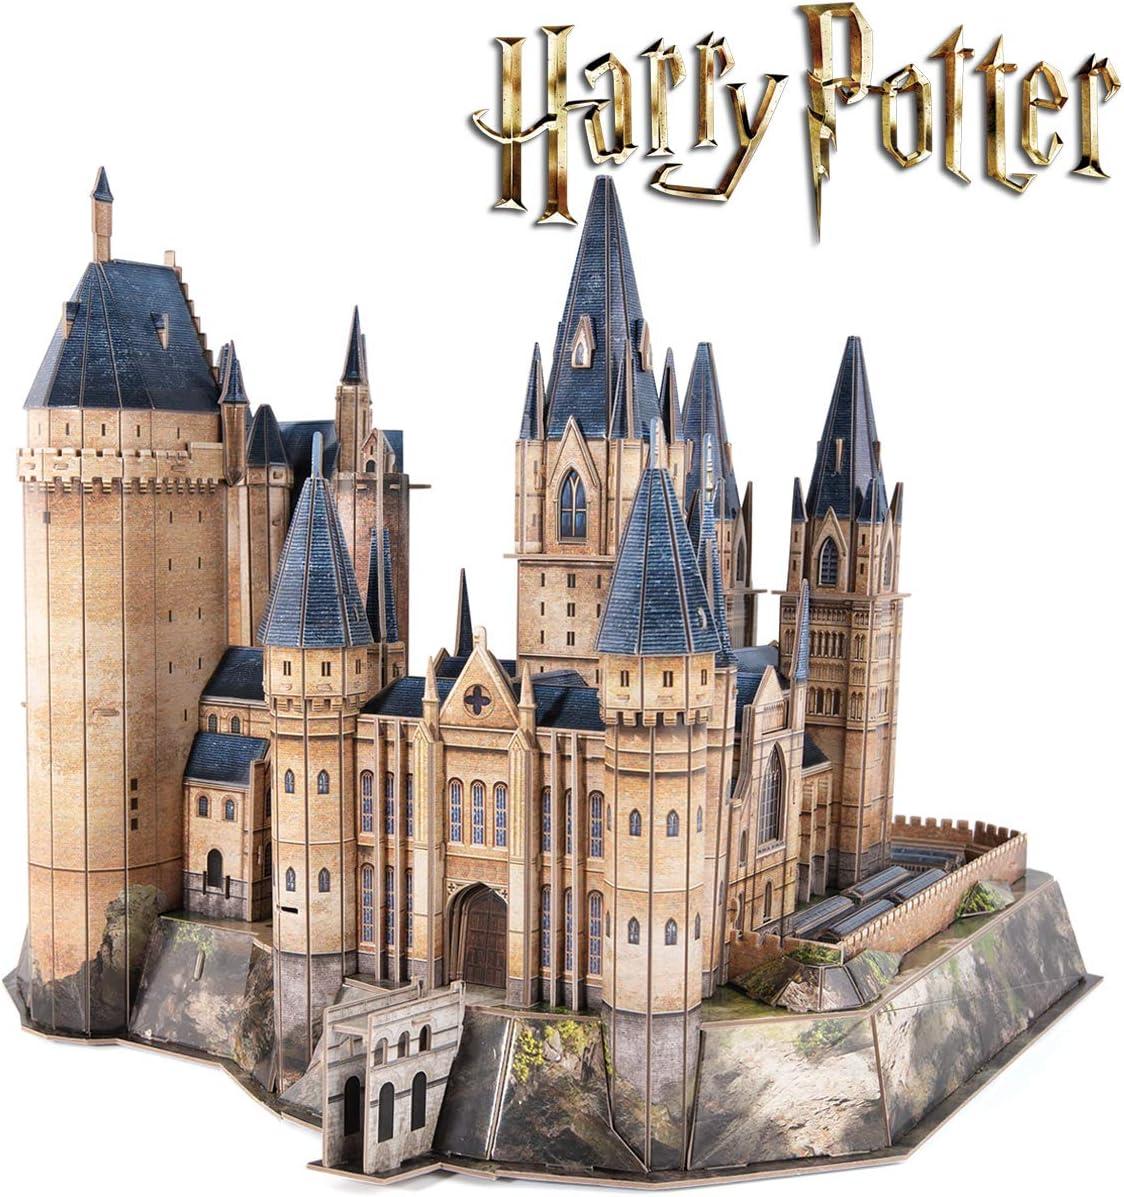 CubicFun Puzzle 3D Harry Potter Torre de la Astronomía de Hogwarts Puzzles 3D Kits de Construcción Maquetas para Construir Adultos Regalo para Niños Adolescentes, 237 Pizas